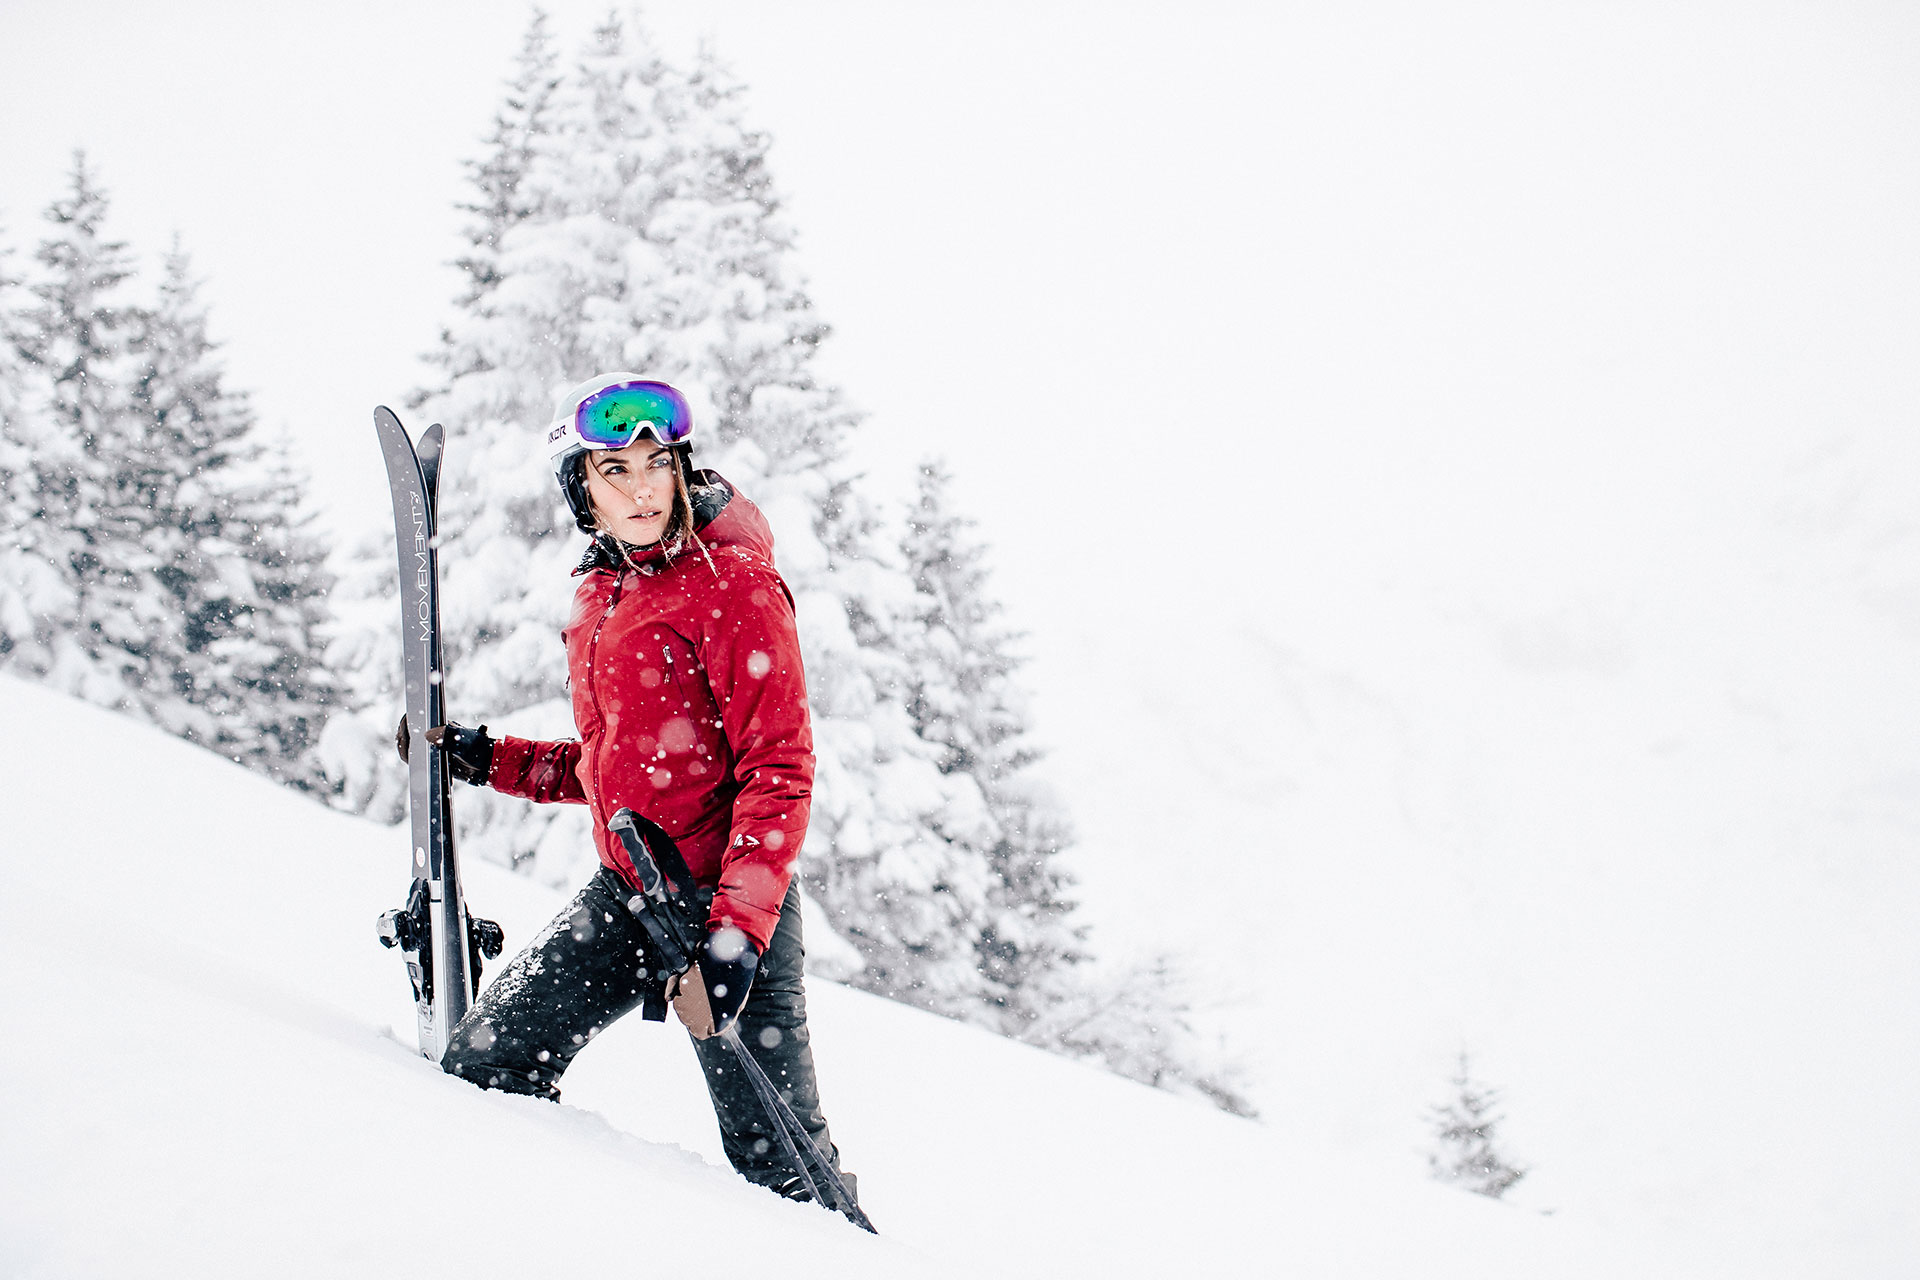 Wintersport Winter Ski Alpin Schneefall Foto Produktion Fotograf München Deutschland